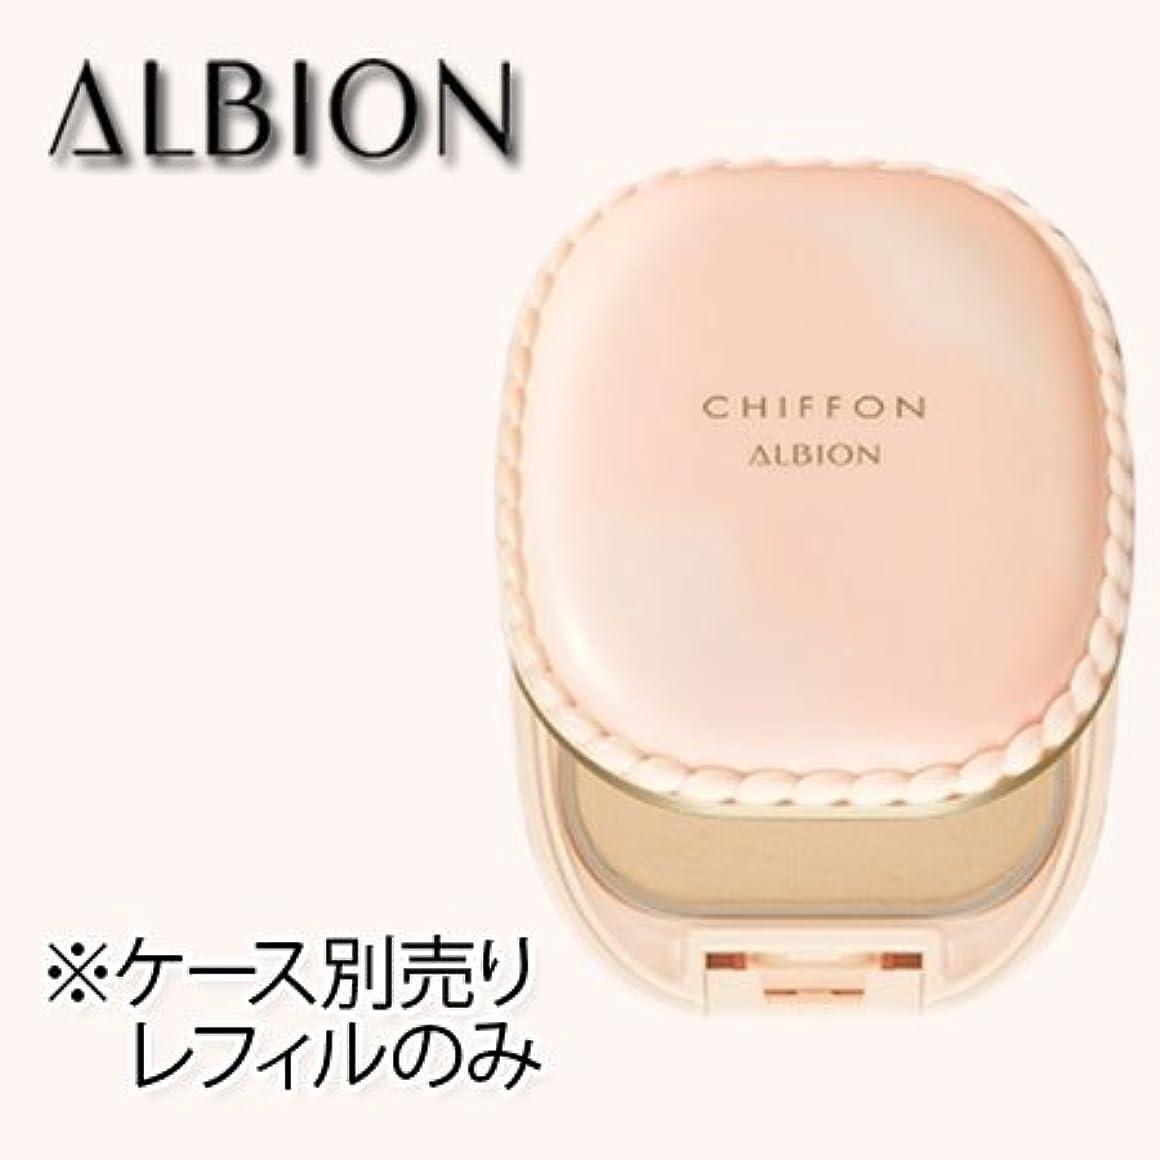 と闘う混乱させる縫い目アルビオン スウィート モイスチュア シフォン (レフィル) 10g 6色 SPF22 PA++-ALBION- 050